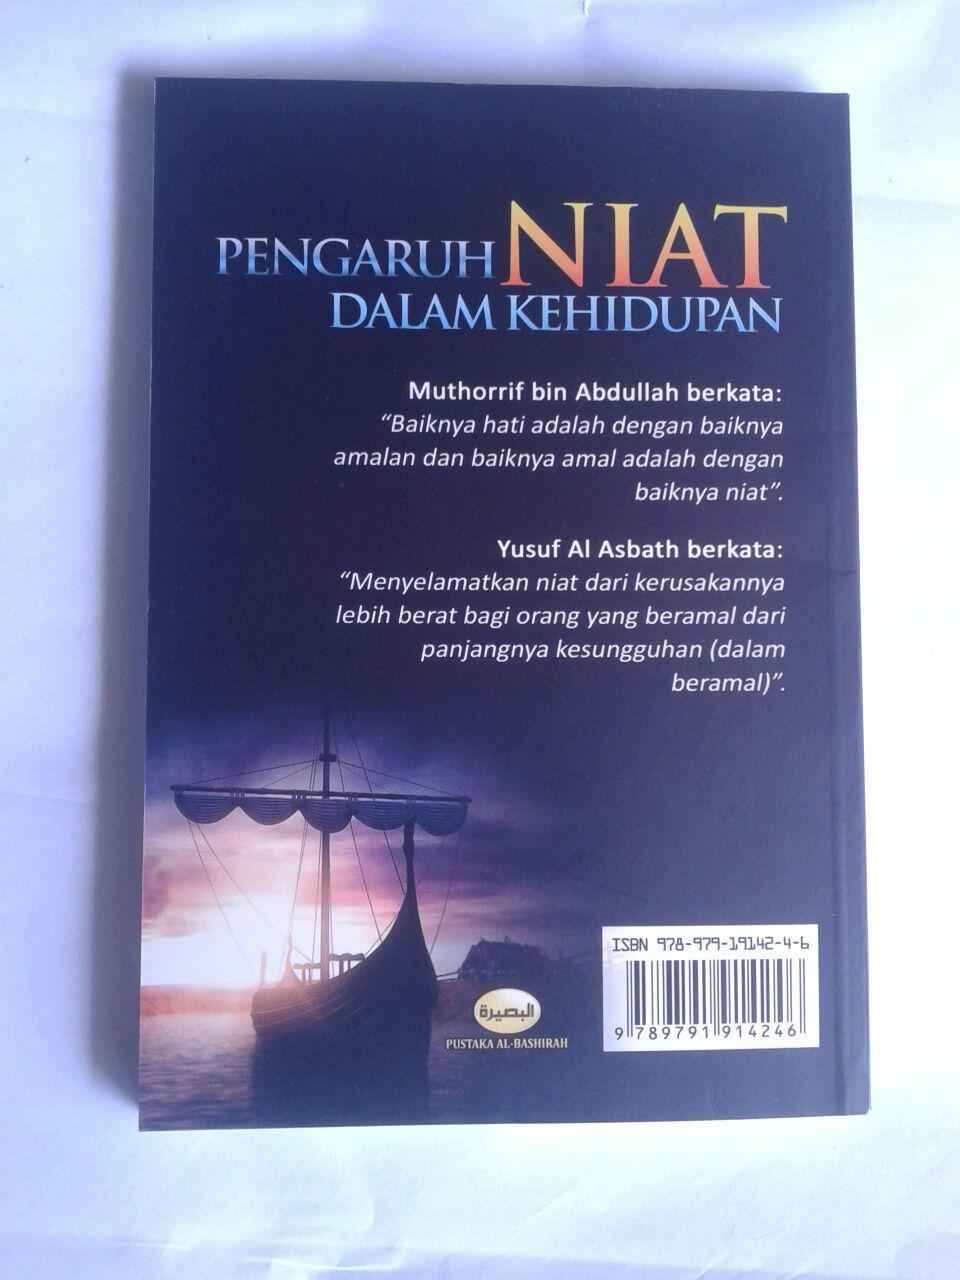 Buku Pengaruh Niat Dalam Kehidupan cover